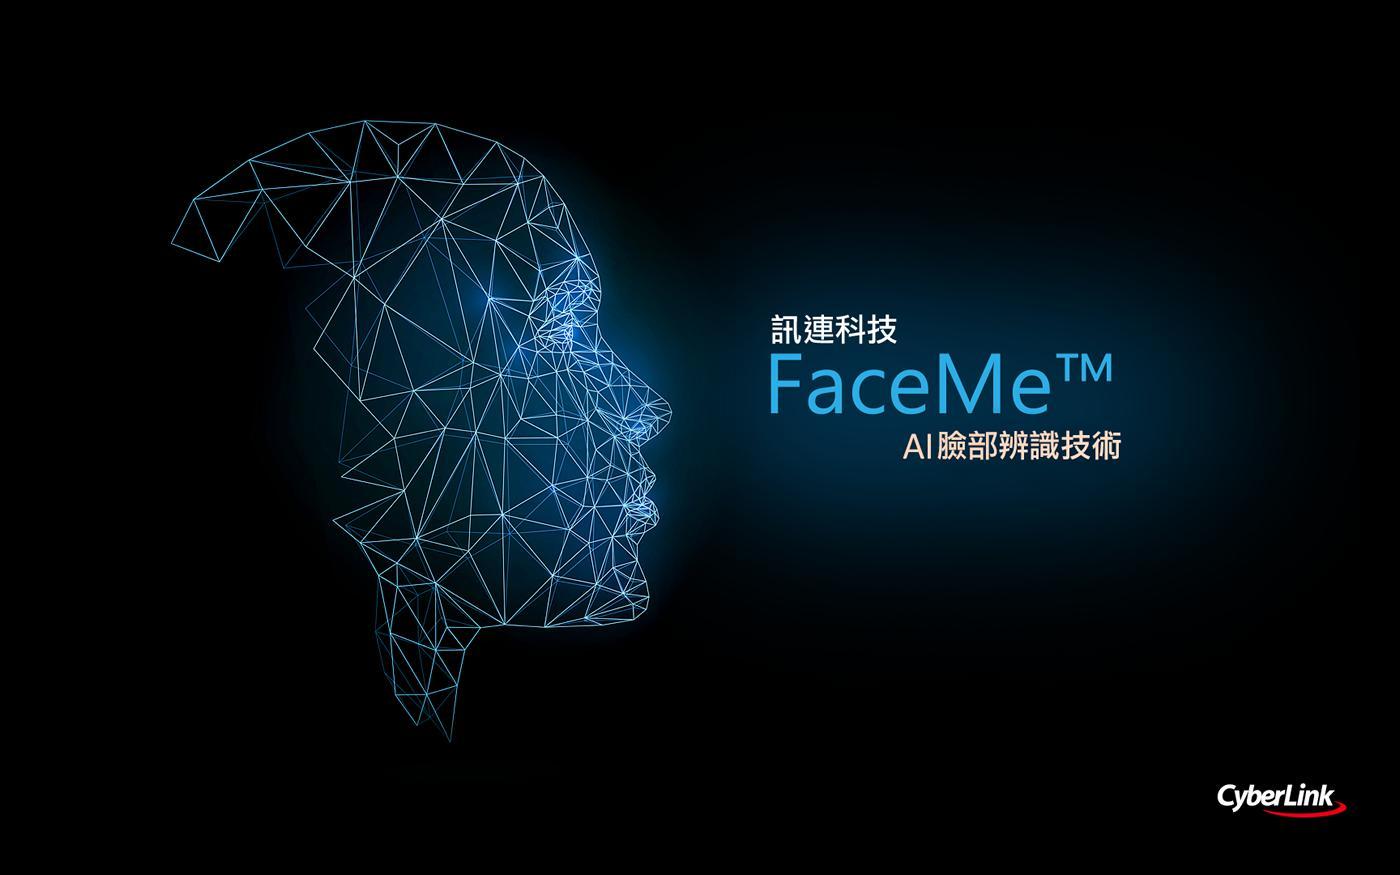 讯连科技发布FaceMe脸部辨识技术 并强调存在于终端不需要传到云端